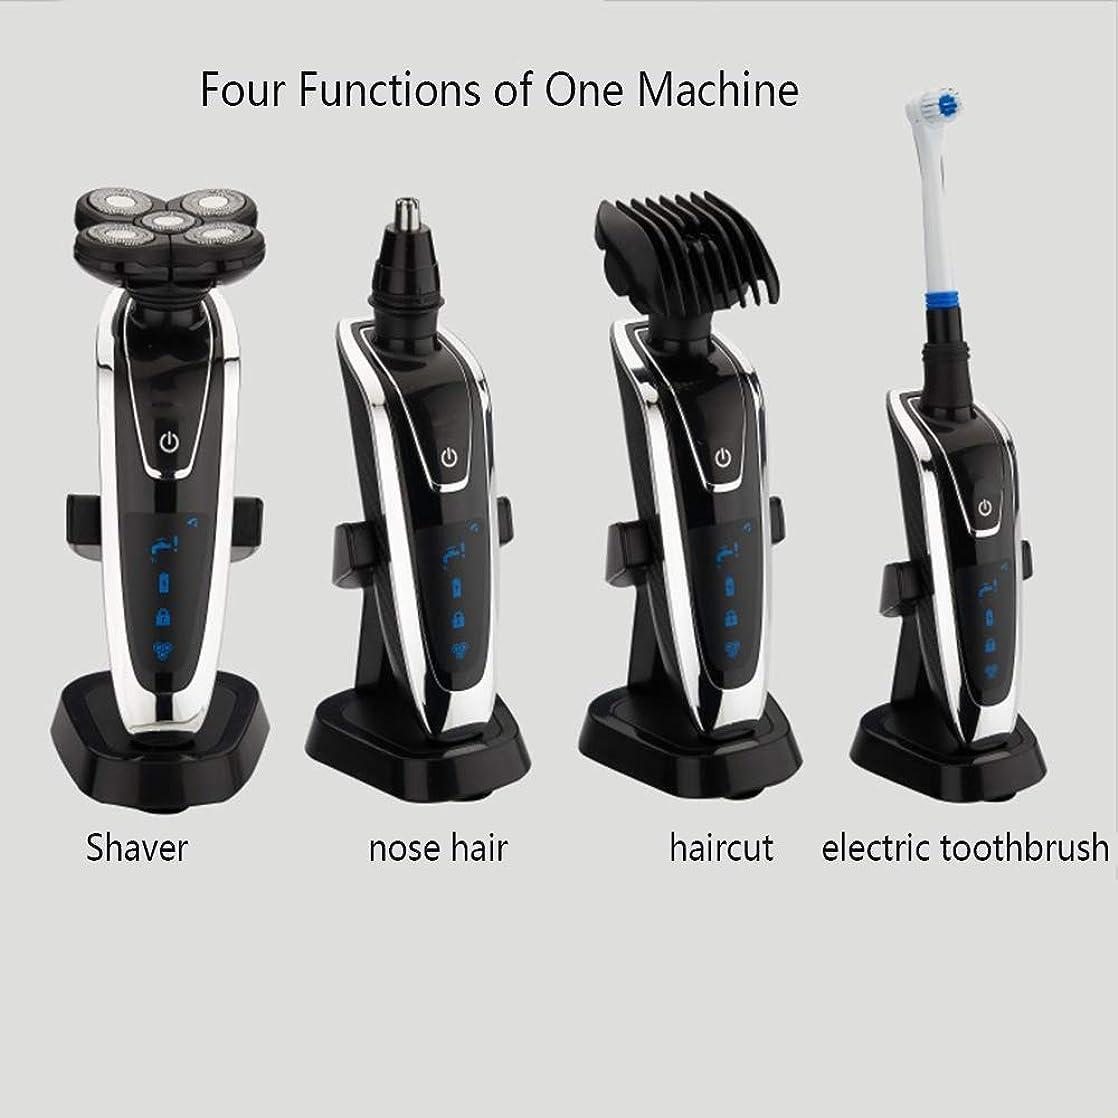 つまらないアラブサラボハブ4の1電動歯ブラシ、電動歯ブラシかみそりバリカン鼻毛トリマー